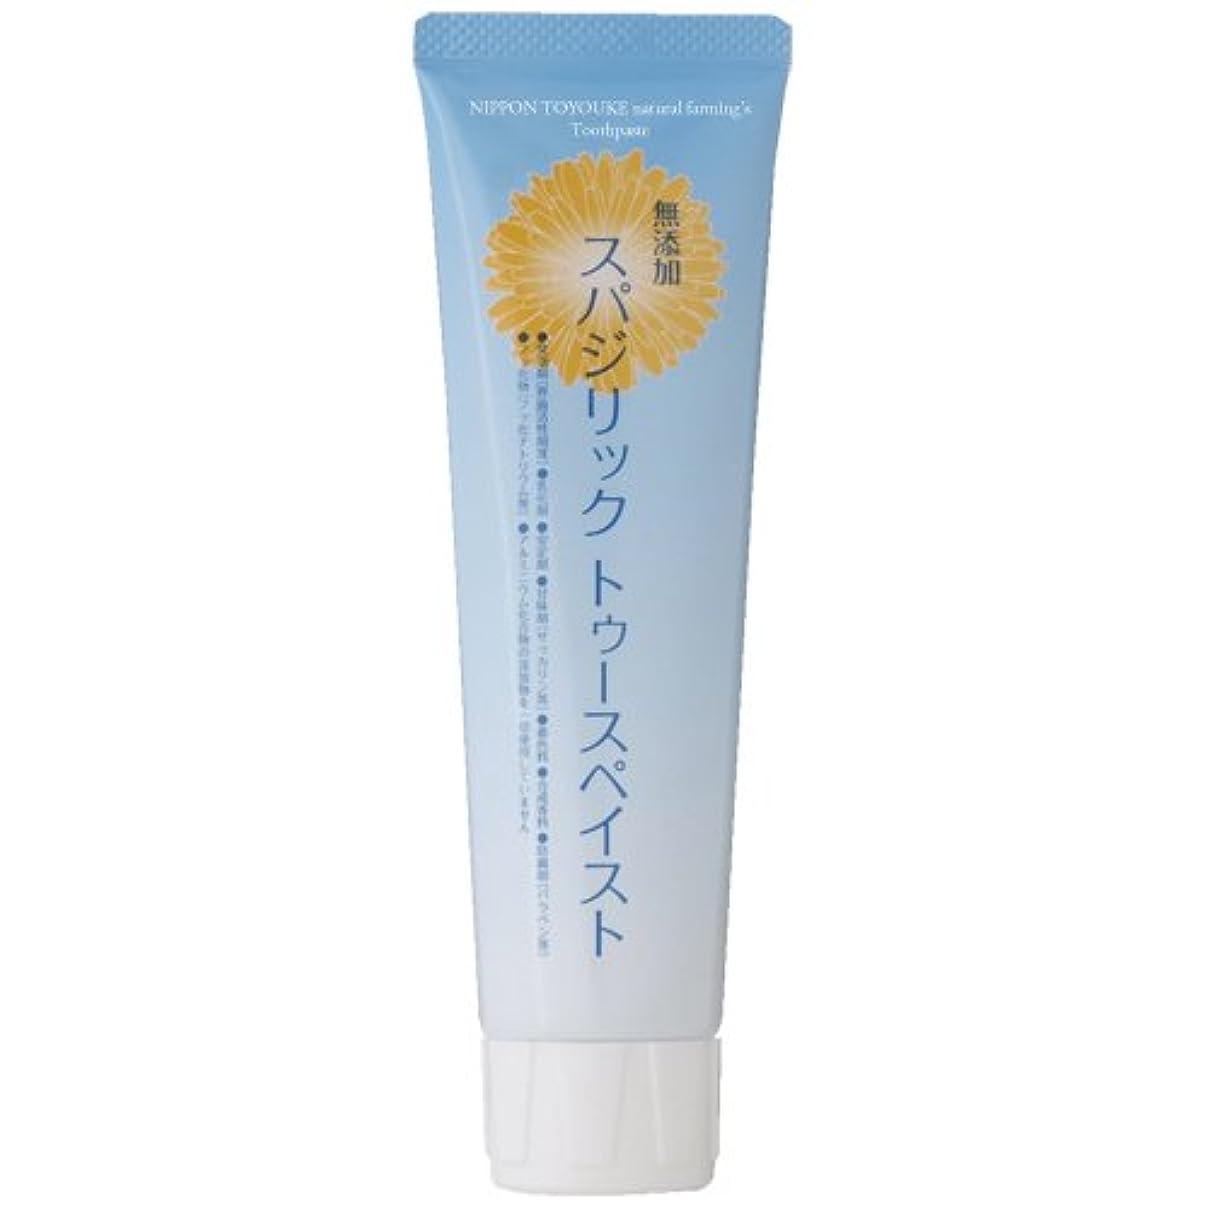 ミキサー摂氏度ピストル日本豊受自然農 スパジリックトゥースペイスト 100g